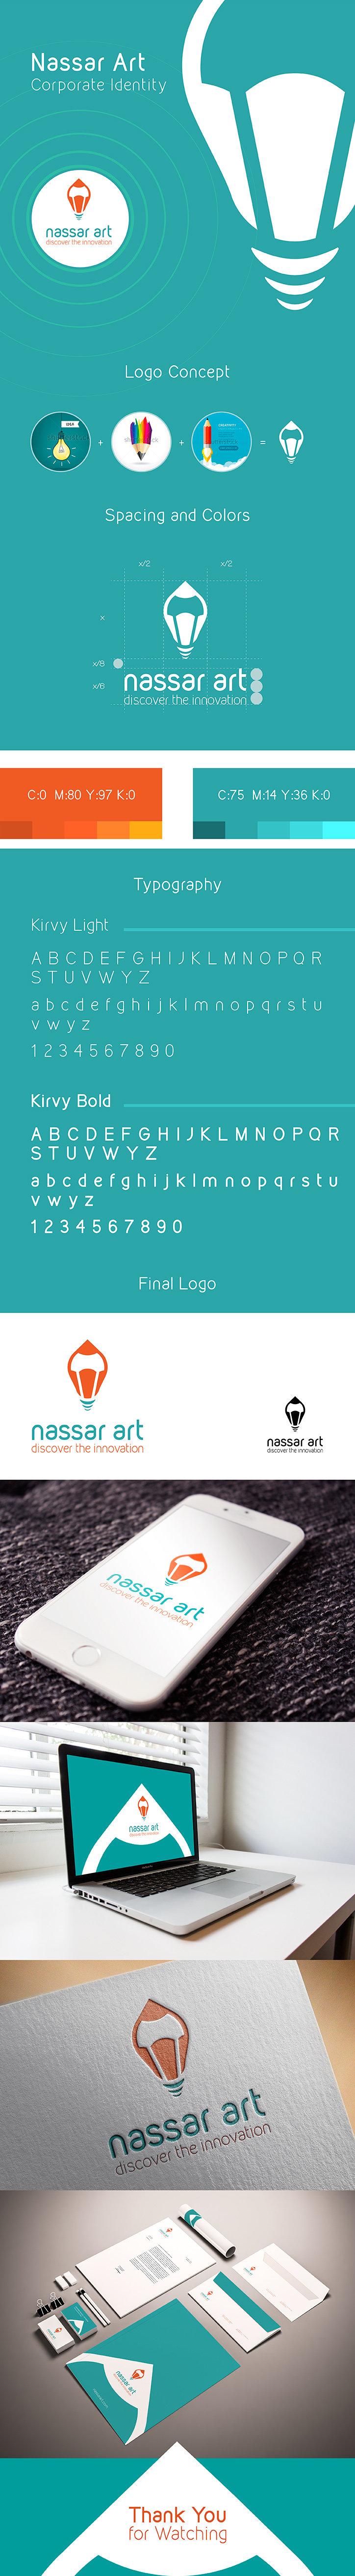 Nassar Art Corporate Identity